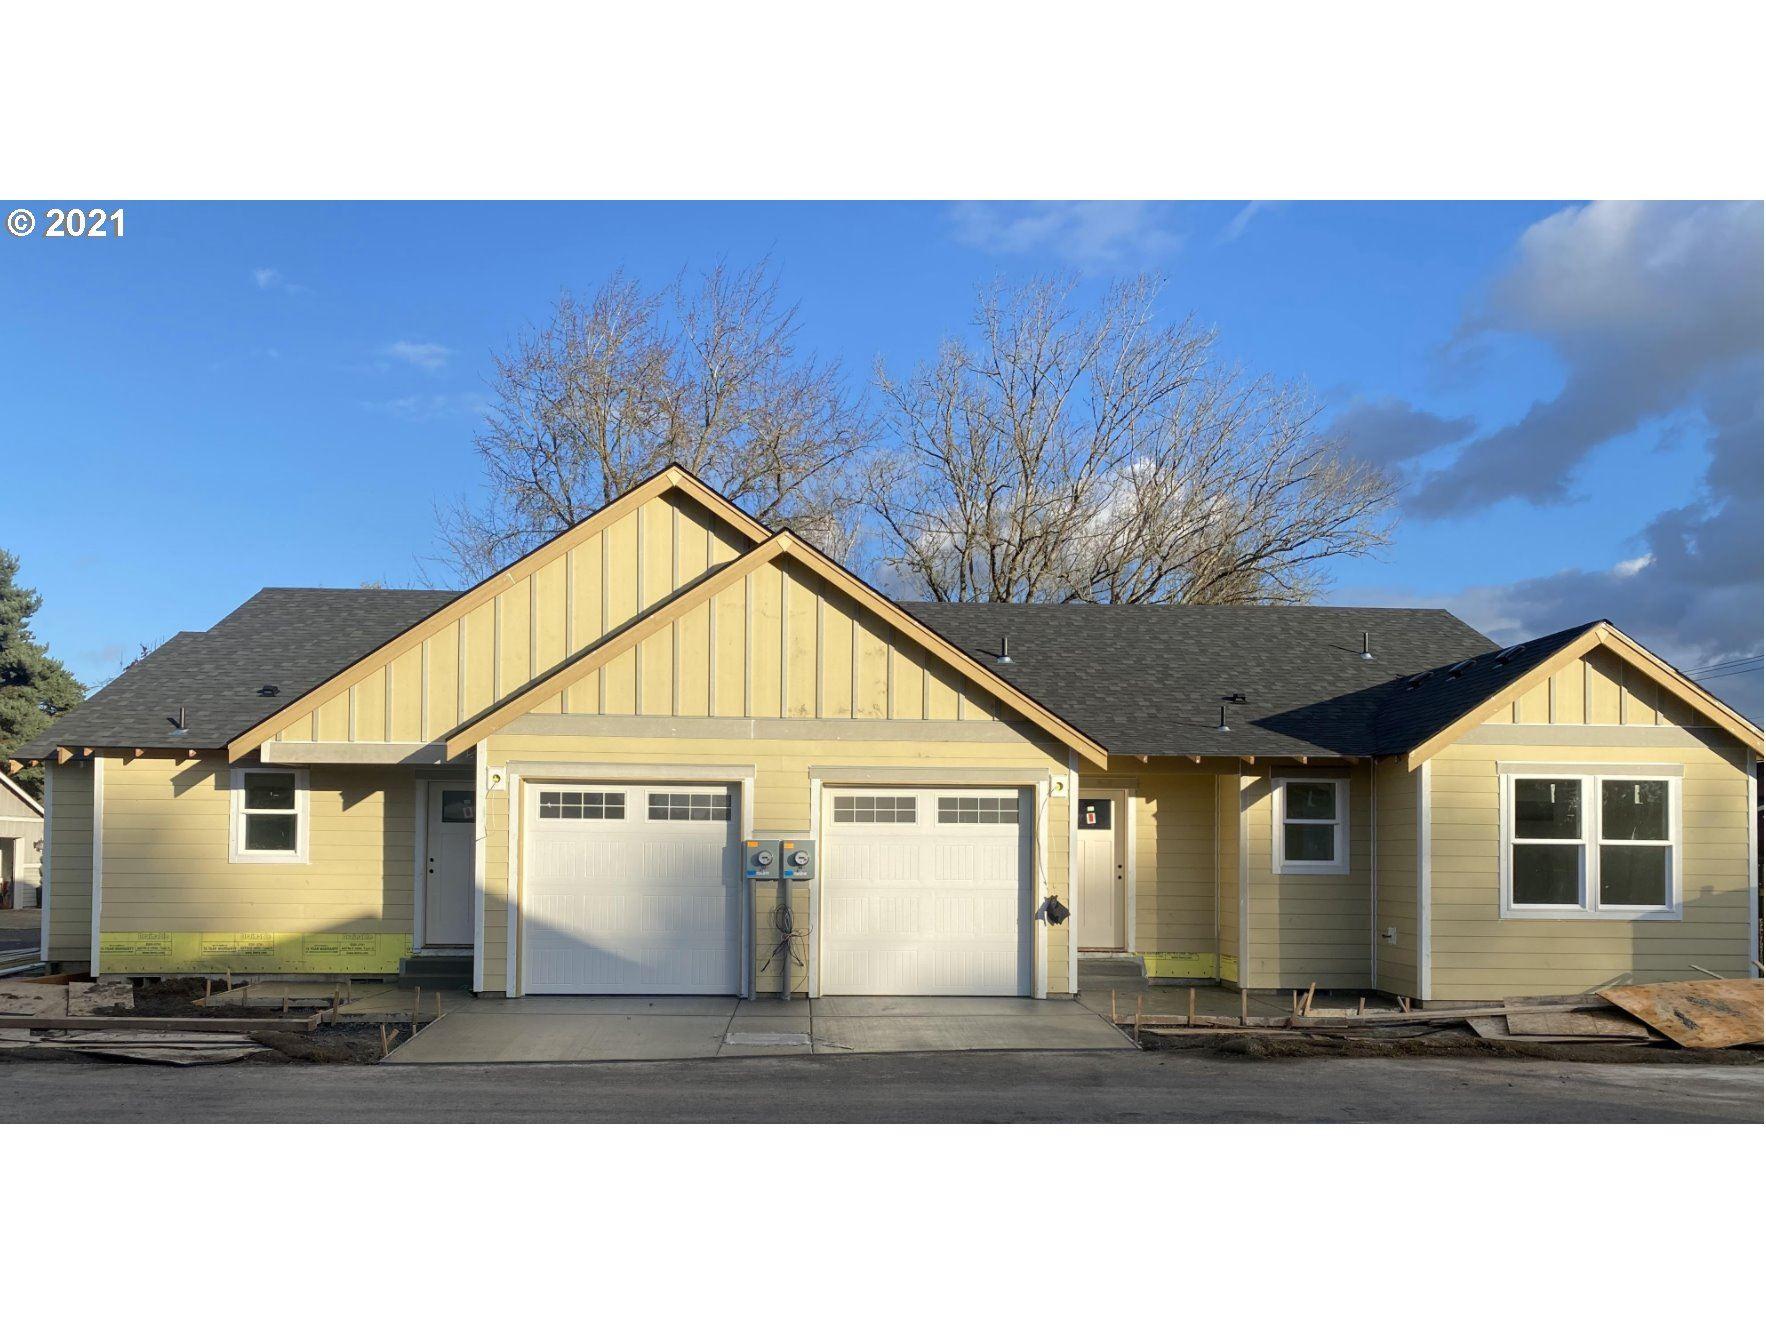 1347 NE Sunrise LN, Hillsboro, OR 97124 - MLS#: 21222885